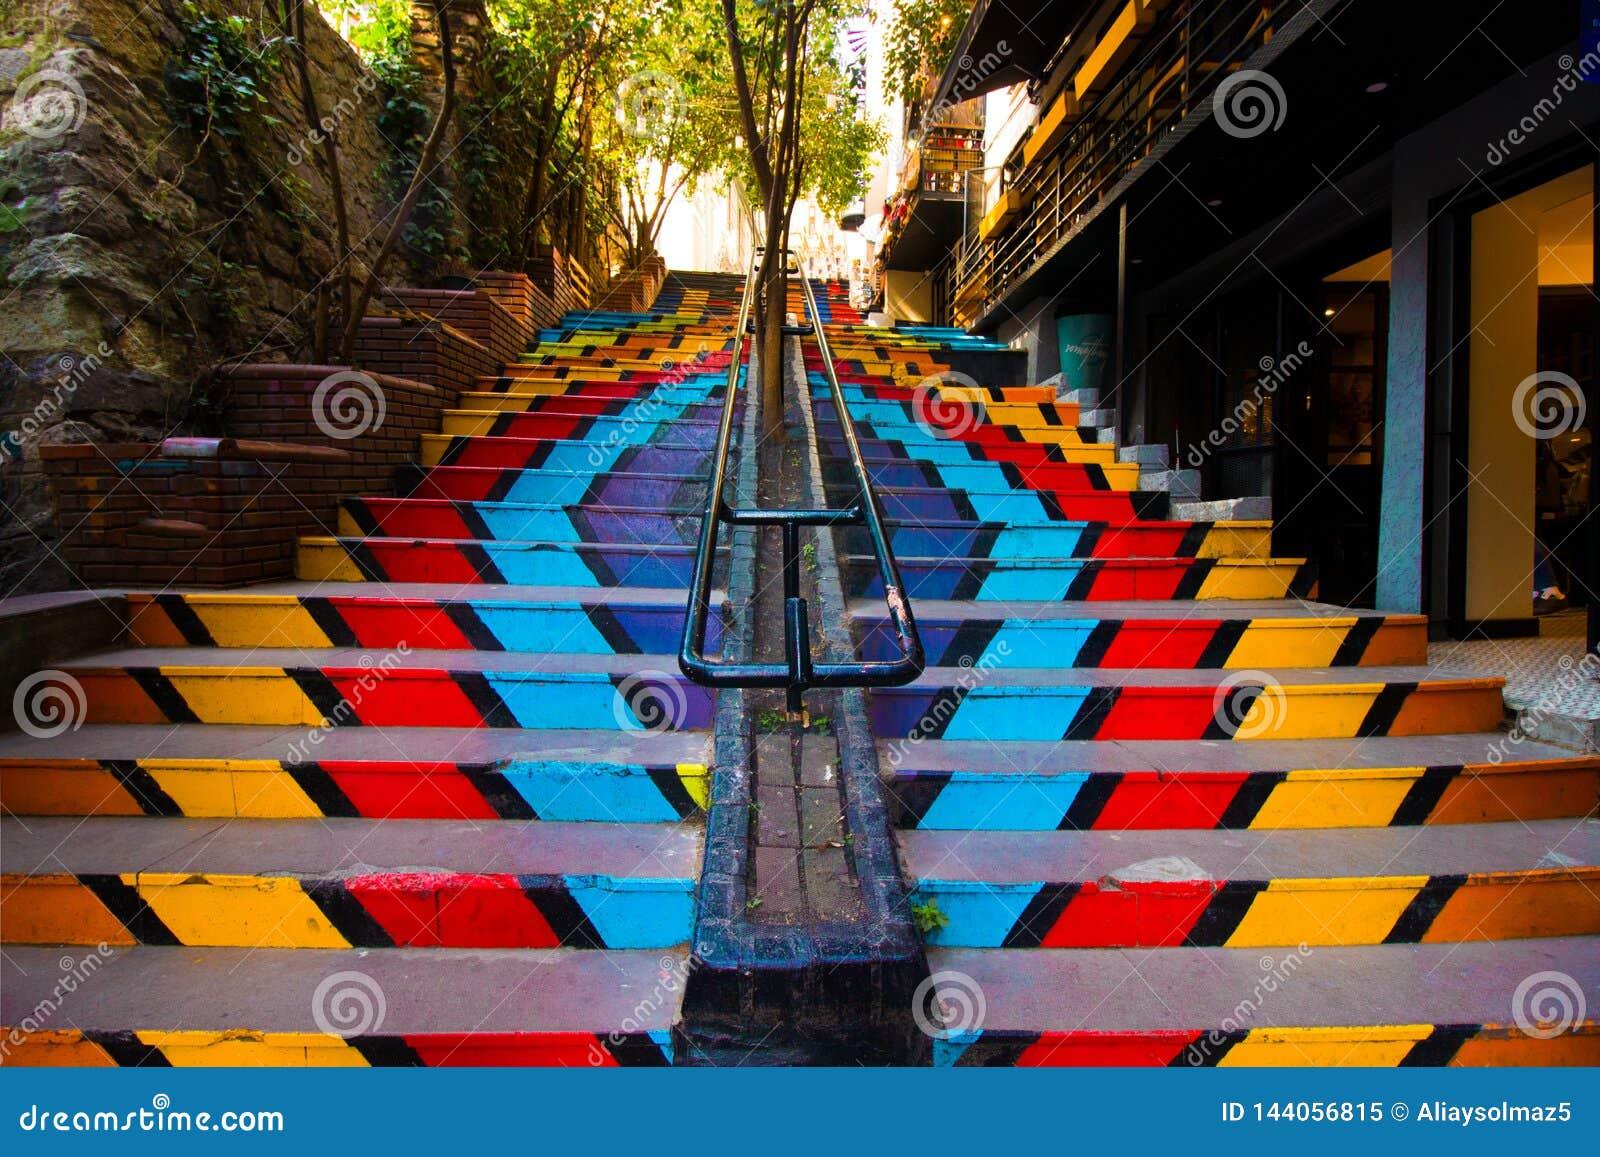 Istanbul Karakoy/Turkiet 04 04 2019: Färgrik trappa, Street Art och livbegrepp